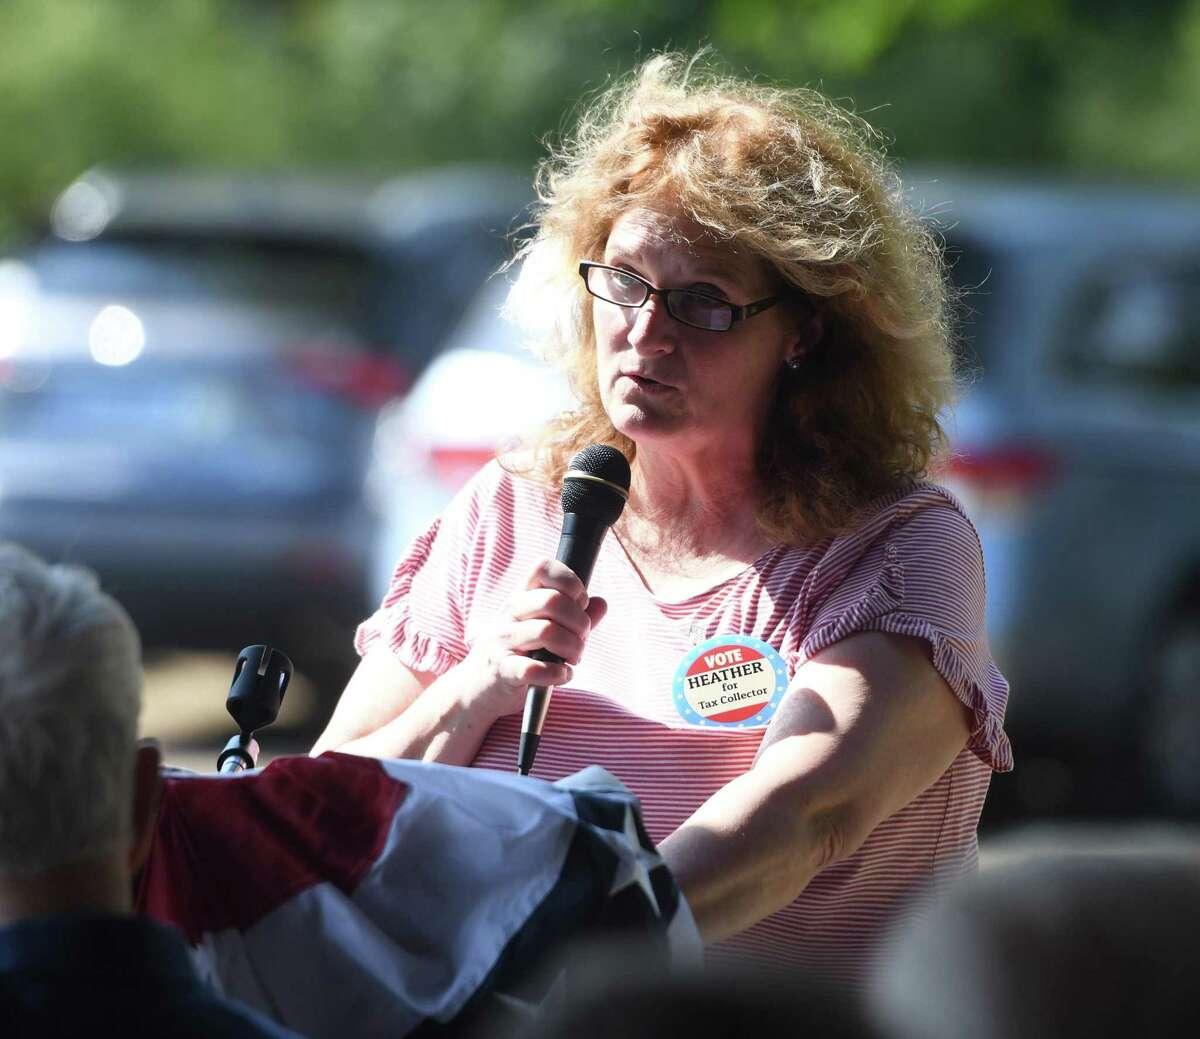 Republican Tax Collector candidate Heather Smeriglio.